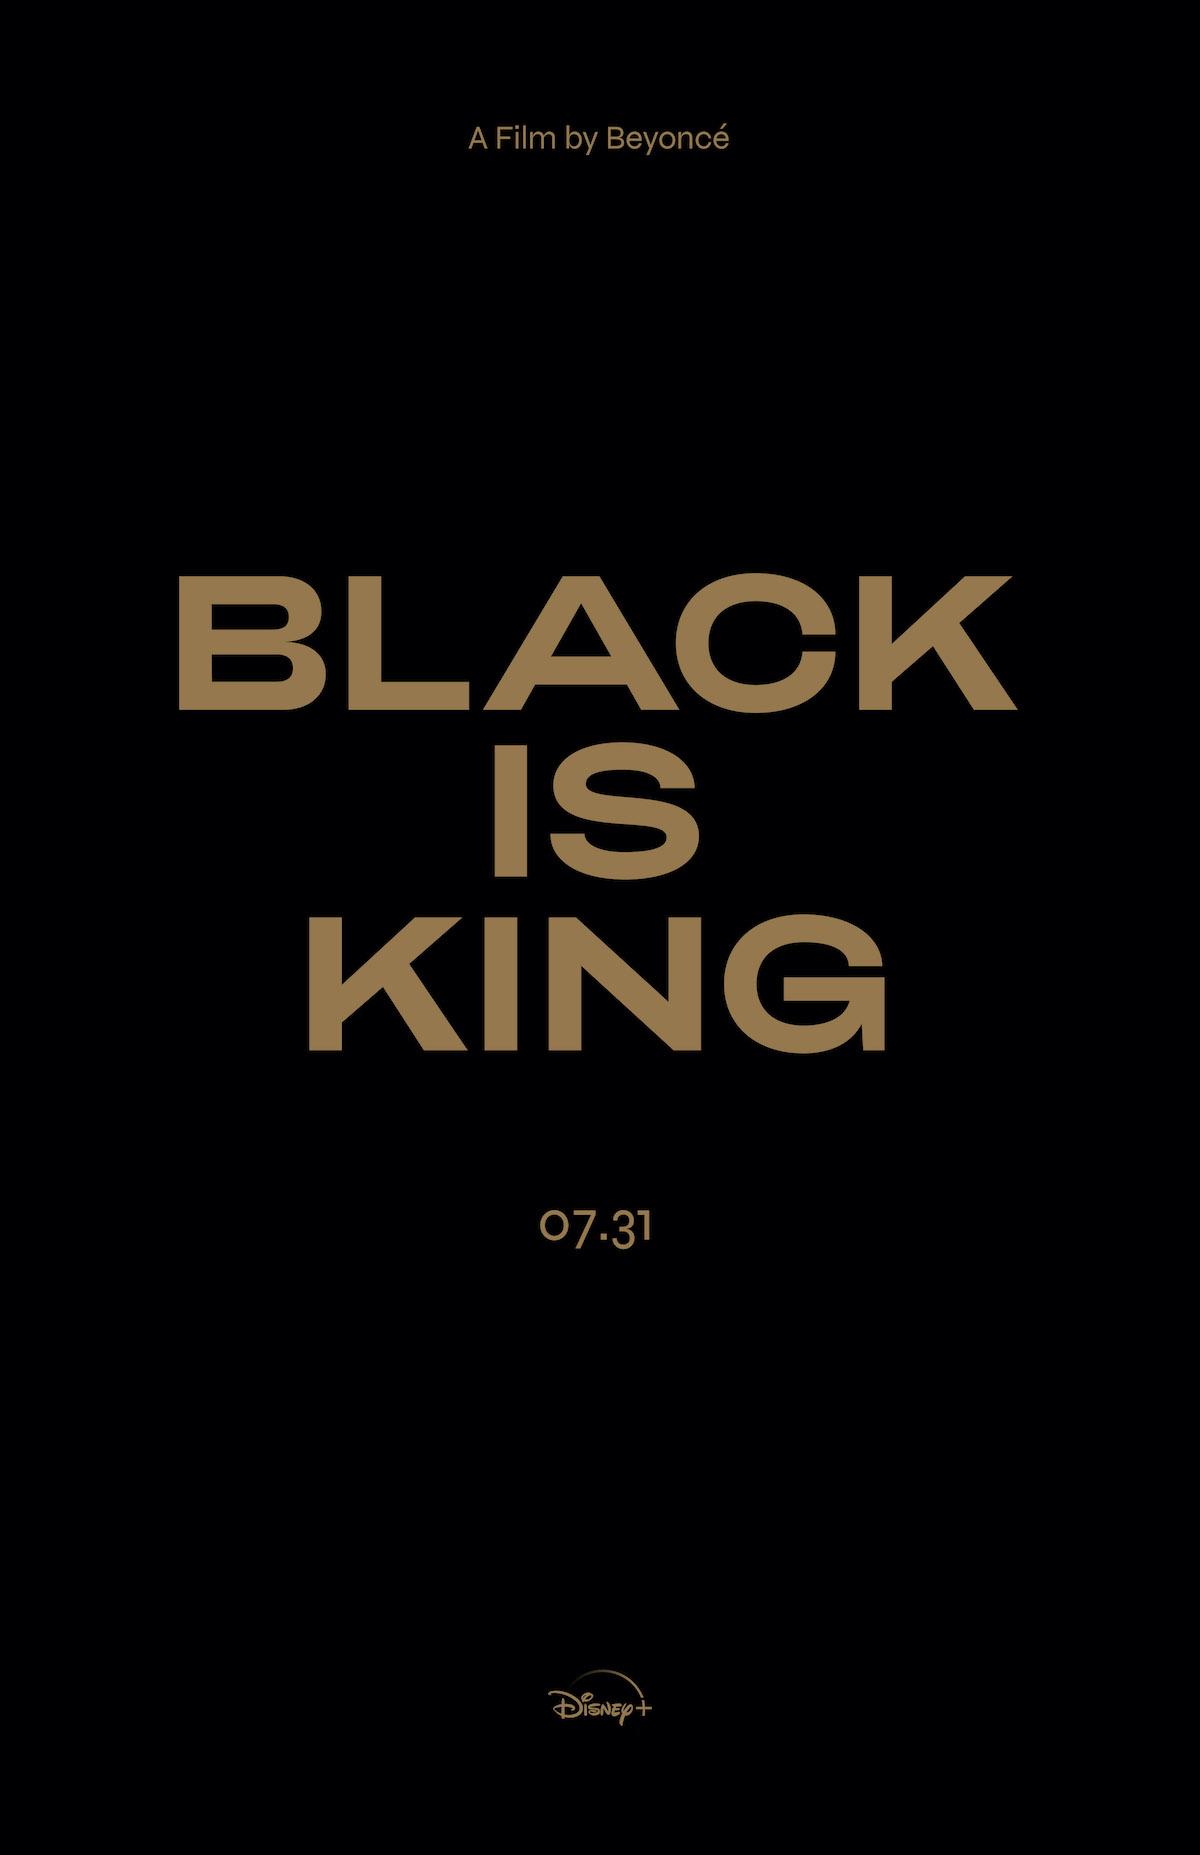 ビヨンセが脚本・監督・製作総指揮を務めたビジュアル・アルバム『ブラック・イズ・キング』